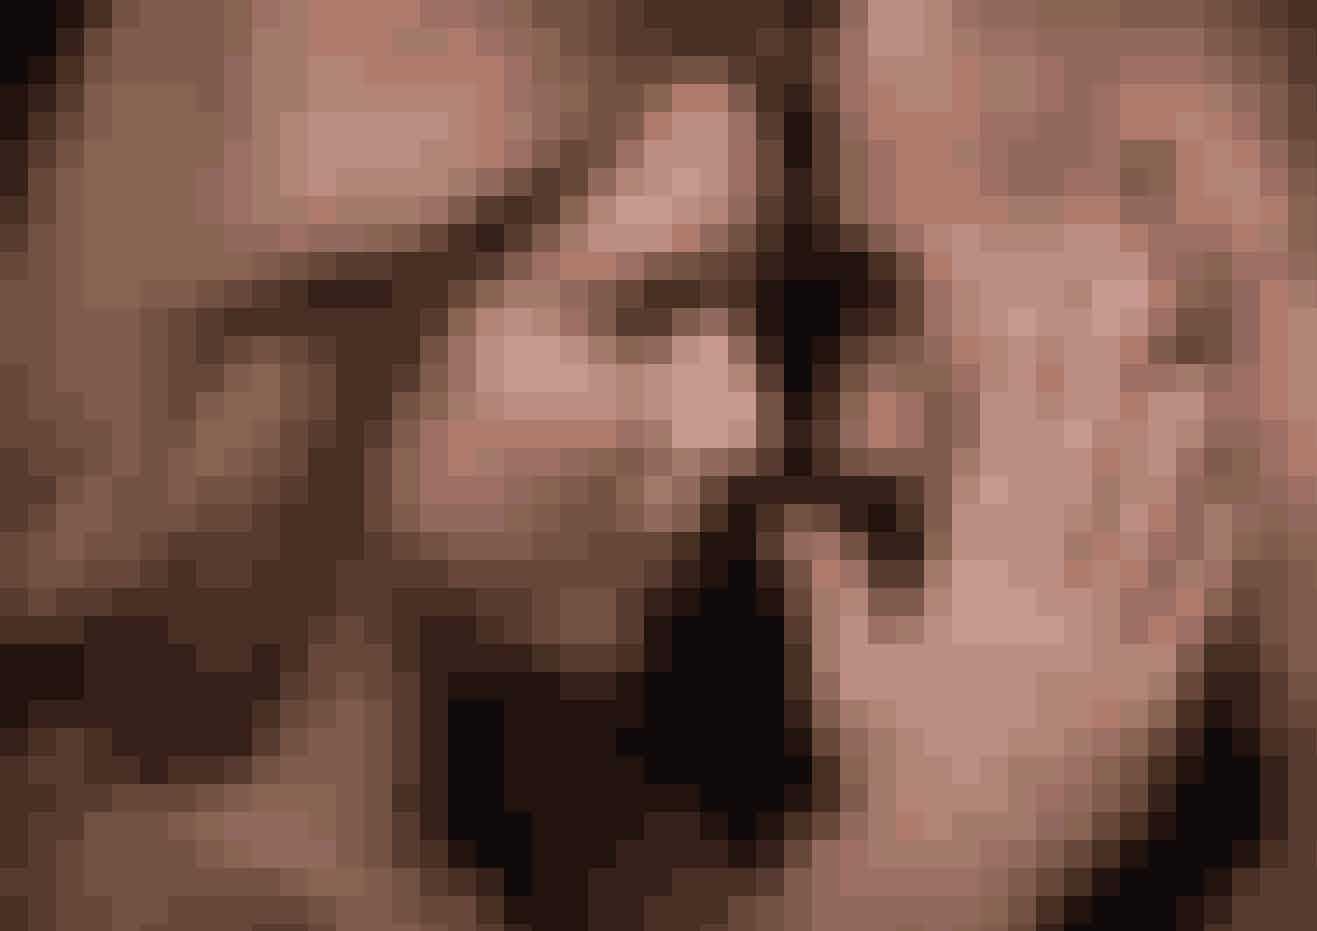 4. At du har sex:Når du drømmer om sex, så forekommer samlejet sjældent i dets form – men der er i højere grad tale om et udtryk for et andet seksuelt indhold. Drømme om sex vil hyppigst være en indirekte længsel hos singler eller partnere, der keder sig i deres forhold. Som regel symboliserer drømme om sex et behov for intimitet og følelser.Dette begrunder, hvorfor at nogle mennesker har drømt om samleje med deres forældre. Dette er oftest ikke spor perverst, men handler snarere om uforløste følelser. Et helt tredje aspekt er, at sex kan symbolisere en forening med en side af sig selv eller andre. Personen, som du har samleje med, har måske nogle værdier og kvaliteter, som du kunne tænke dig at tilegne dig.Kilde: Q